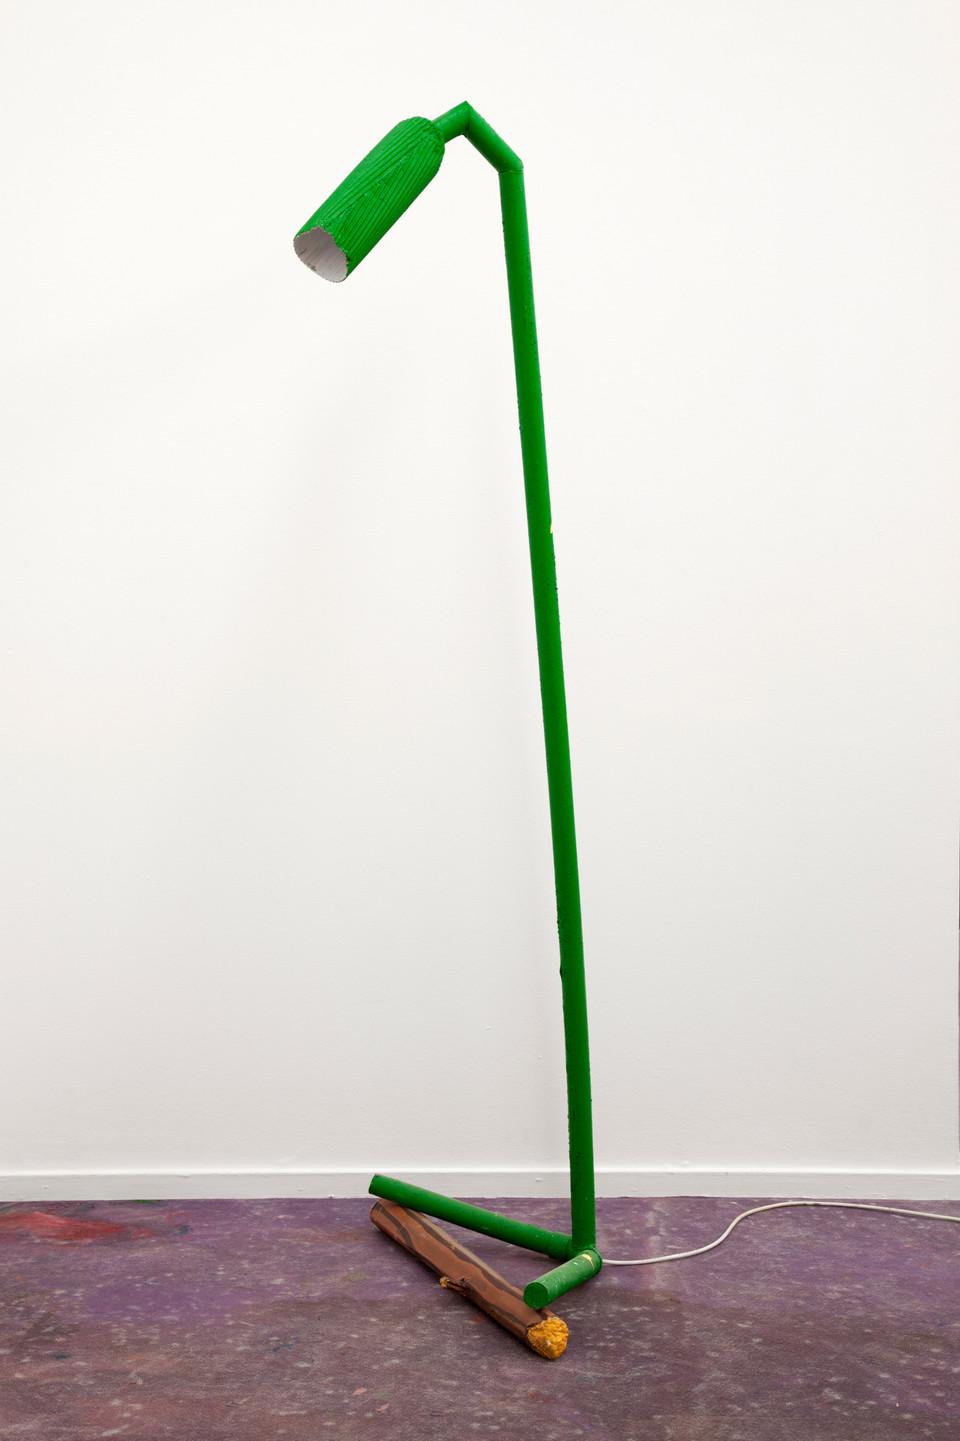 RINUS VAN DE VELDE,  Prop, Studio Robert Rino, Green Lamp, 2017